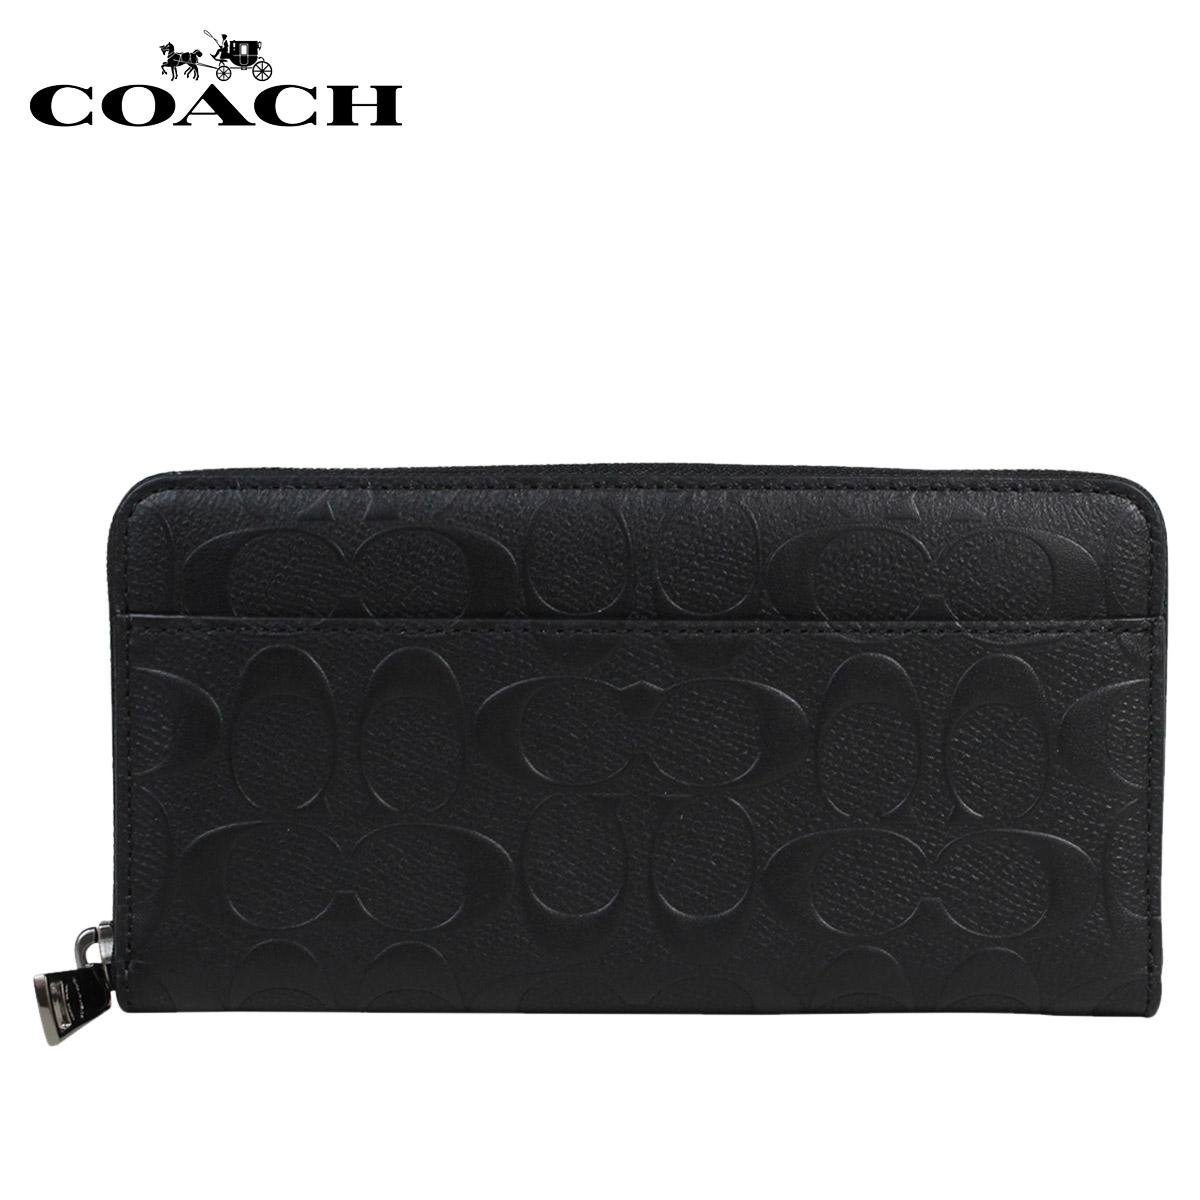 コーチ COACH 財布 長財布 メンズ ブラック F7537234LA5Rj